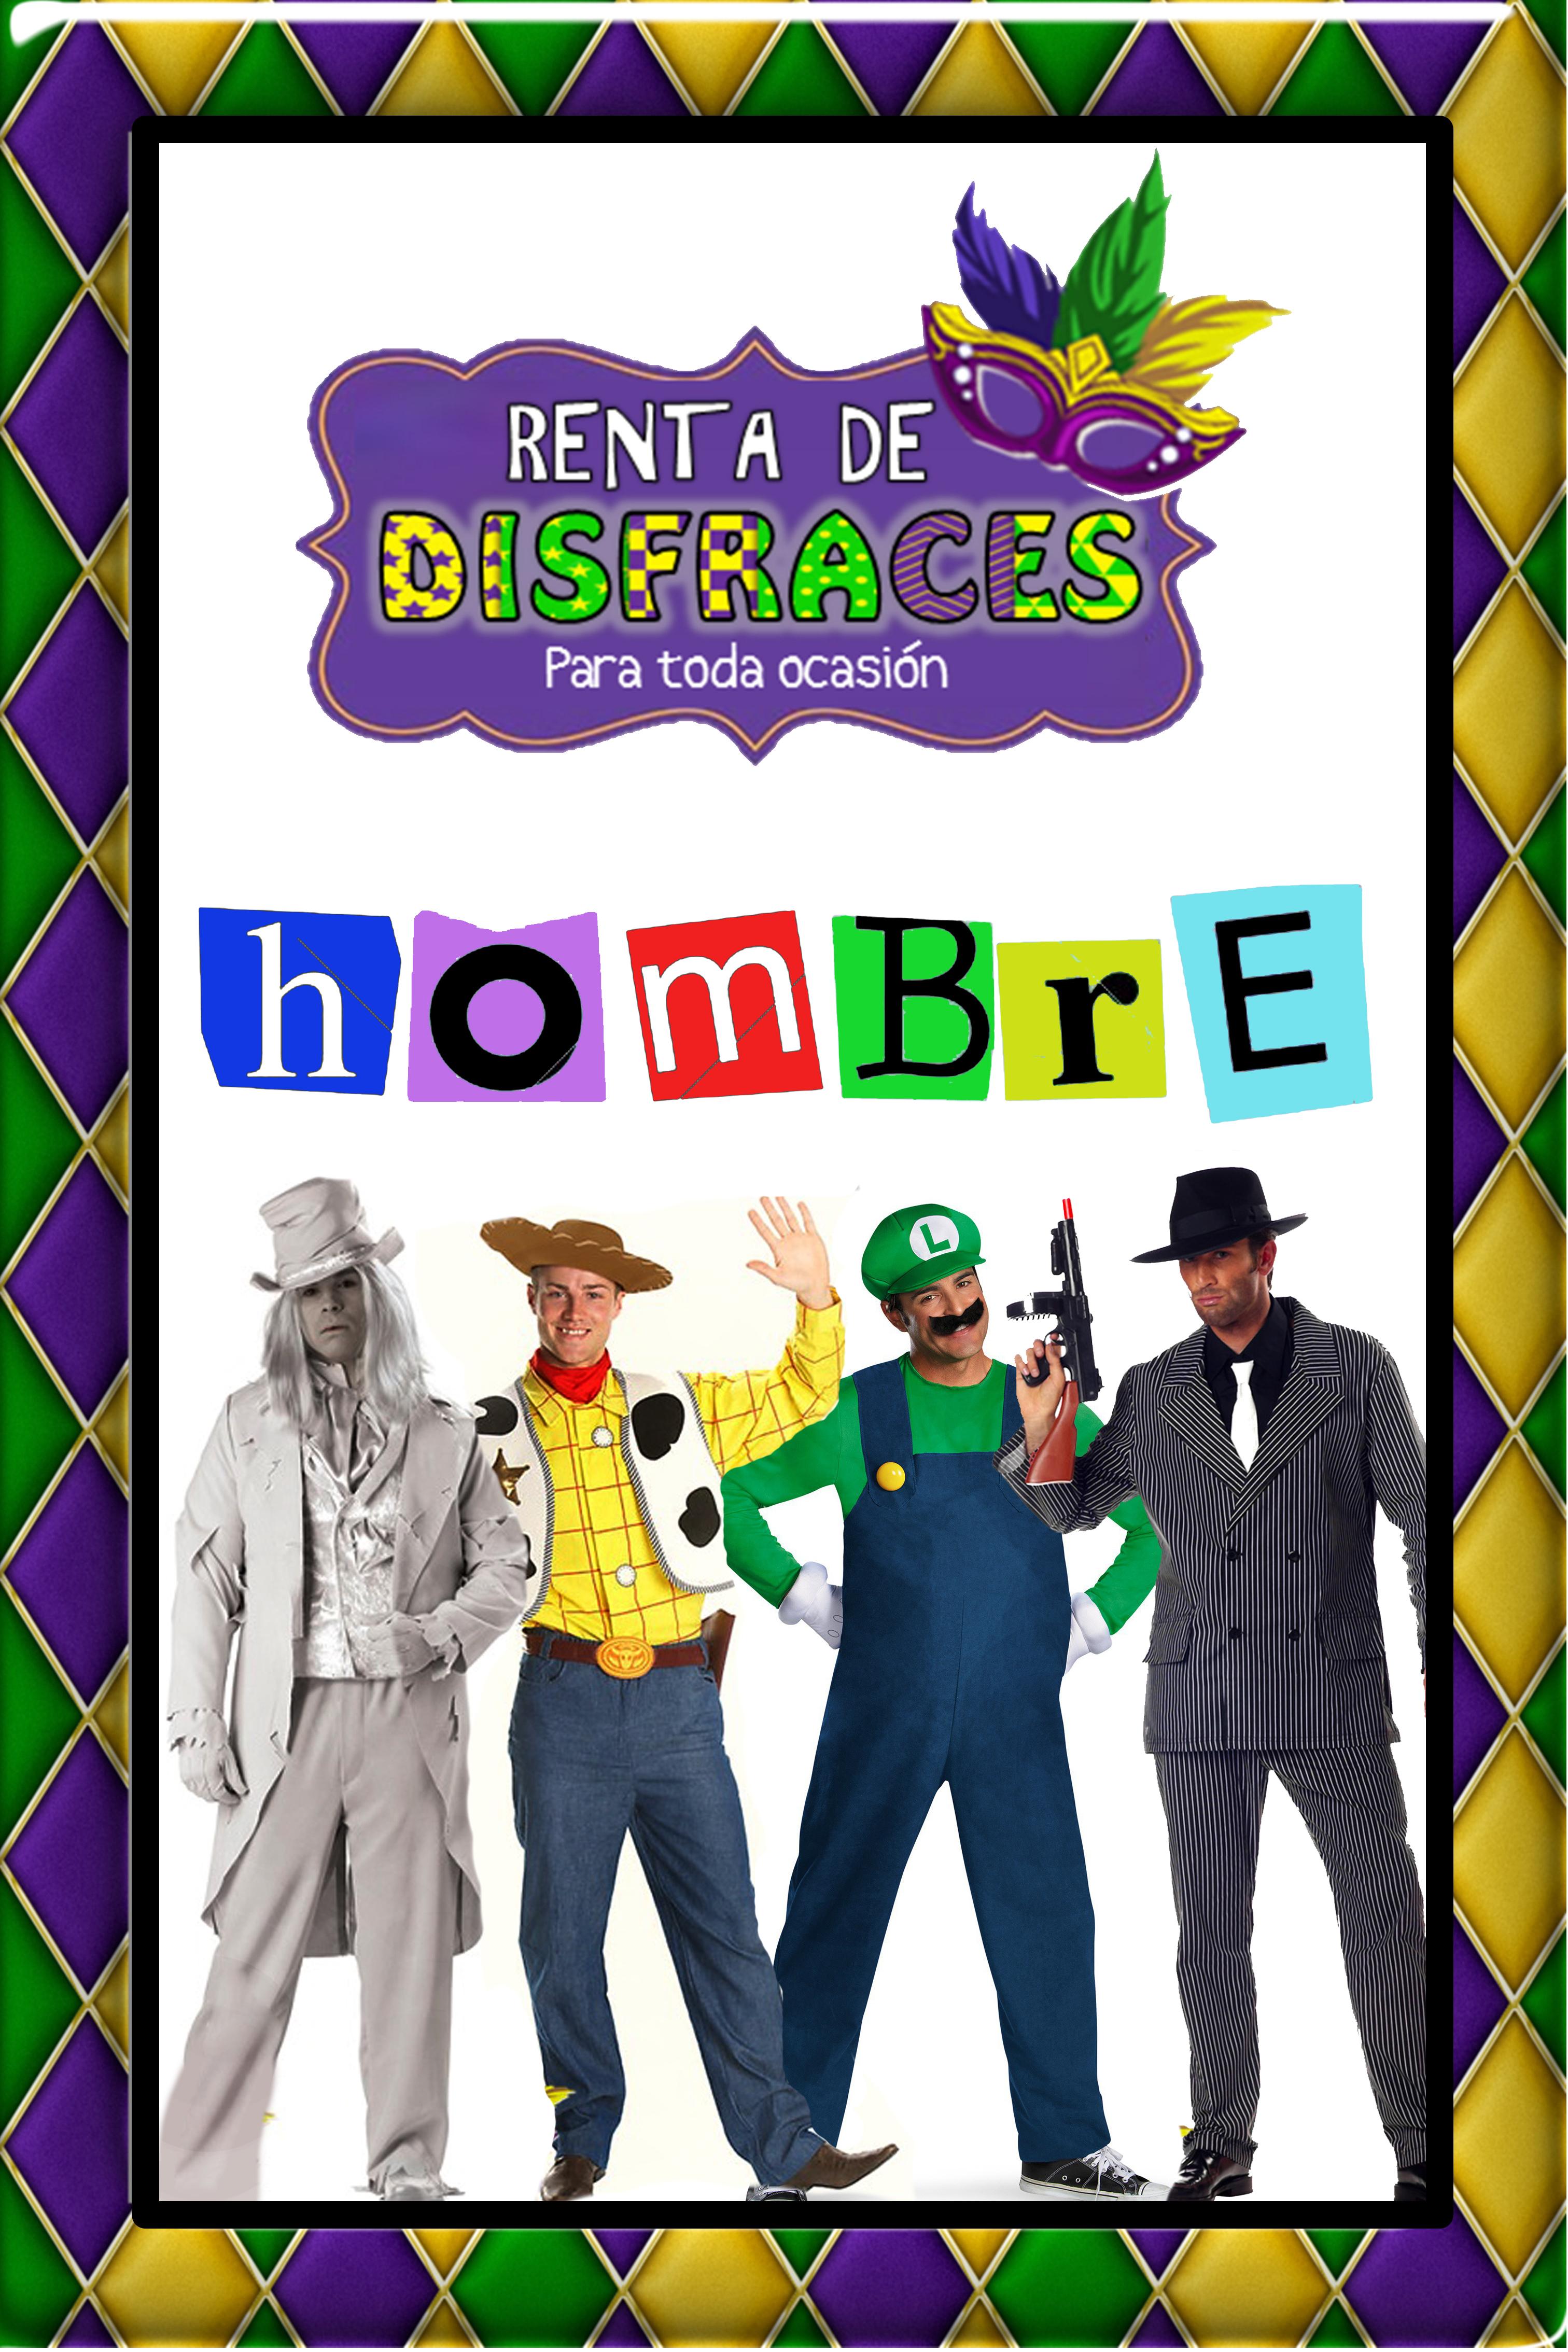 RENTA DE DISFRACES PARA HOMBRE